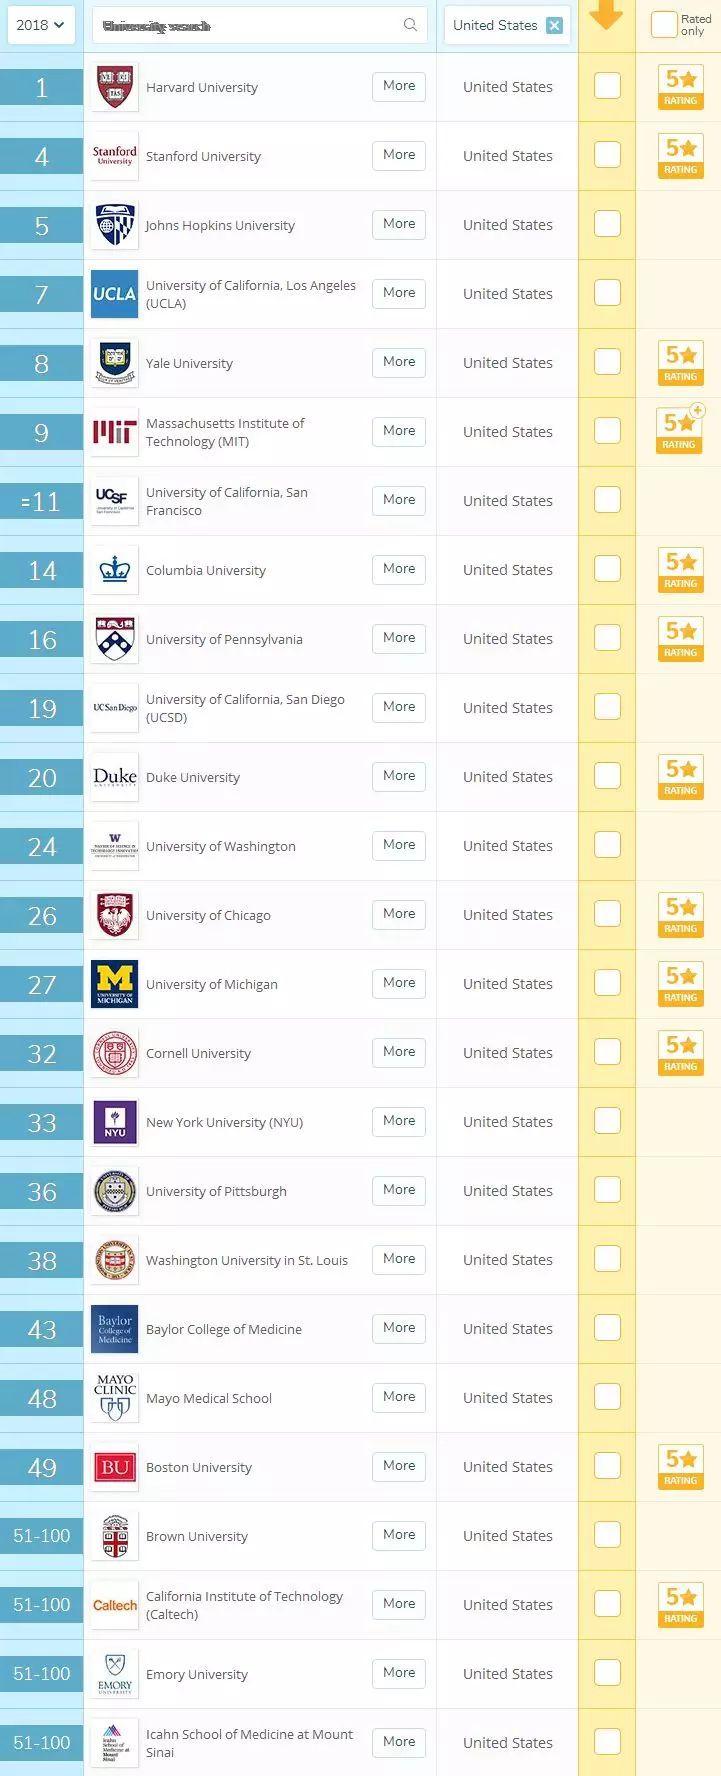 传说中大学最累最忙就业率最高的10个专业你们收藏了吗?